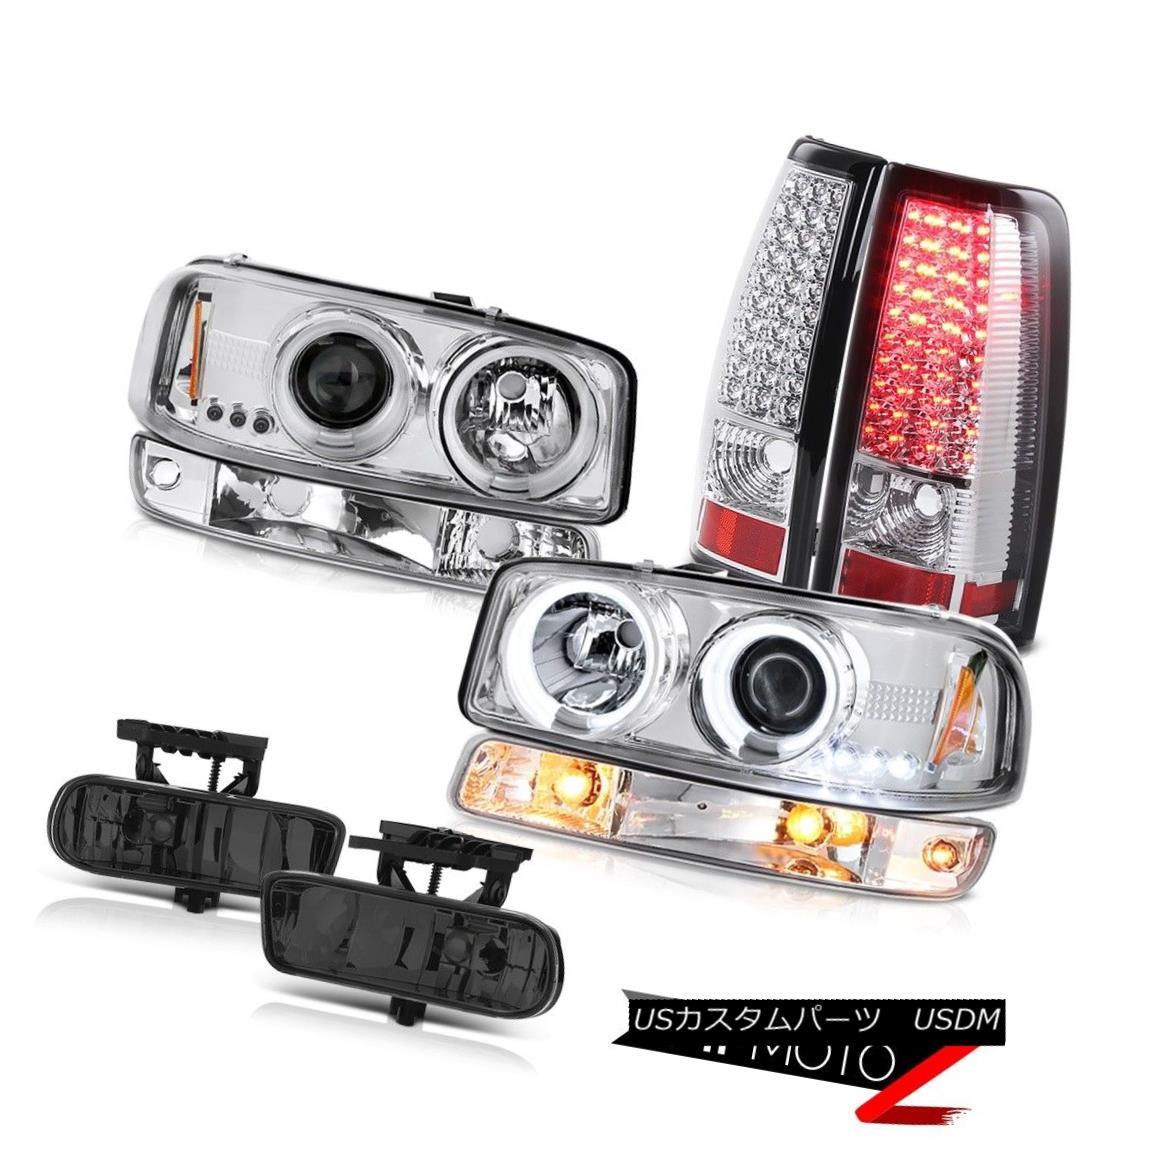 テールライト 99 00 01 02 Sierra C3 Foglamps chrome led taillamps bumper light ccfl headlights 99 00 01 02シエラC3フォグランプクロームledテールライトバンパーライトccflヘッドライト